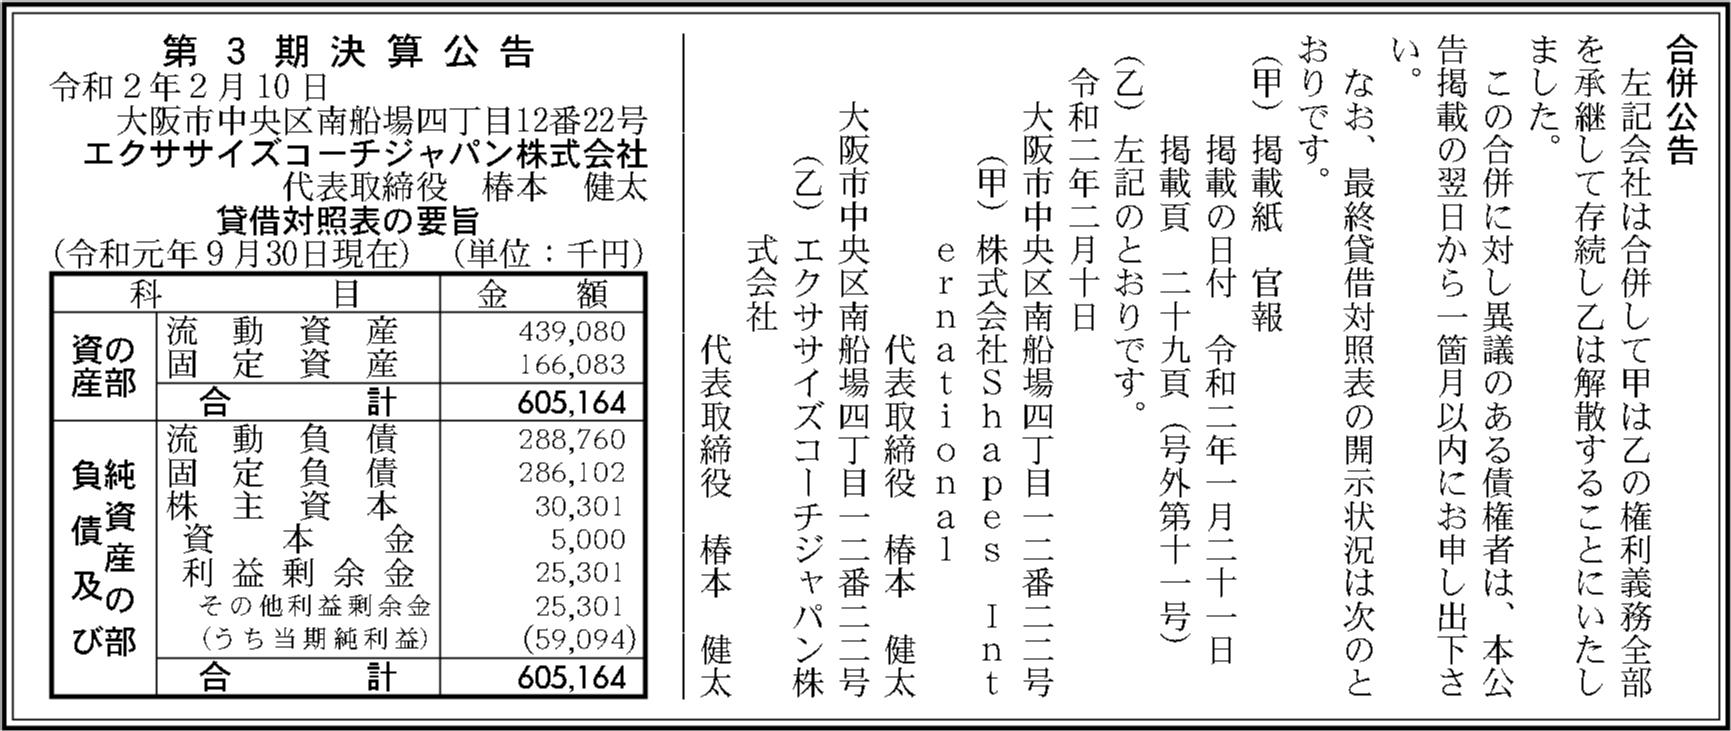 0060 1db088d58bdba4077bfe87fe10227472475085645bd68f6e4c05e6de696d4464b373199e8a826d53a0ccdb9af43db98e70d738f3b2313b2a95a2e71179dad891 03